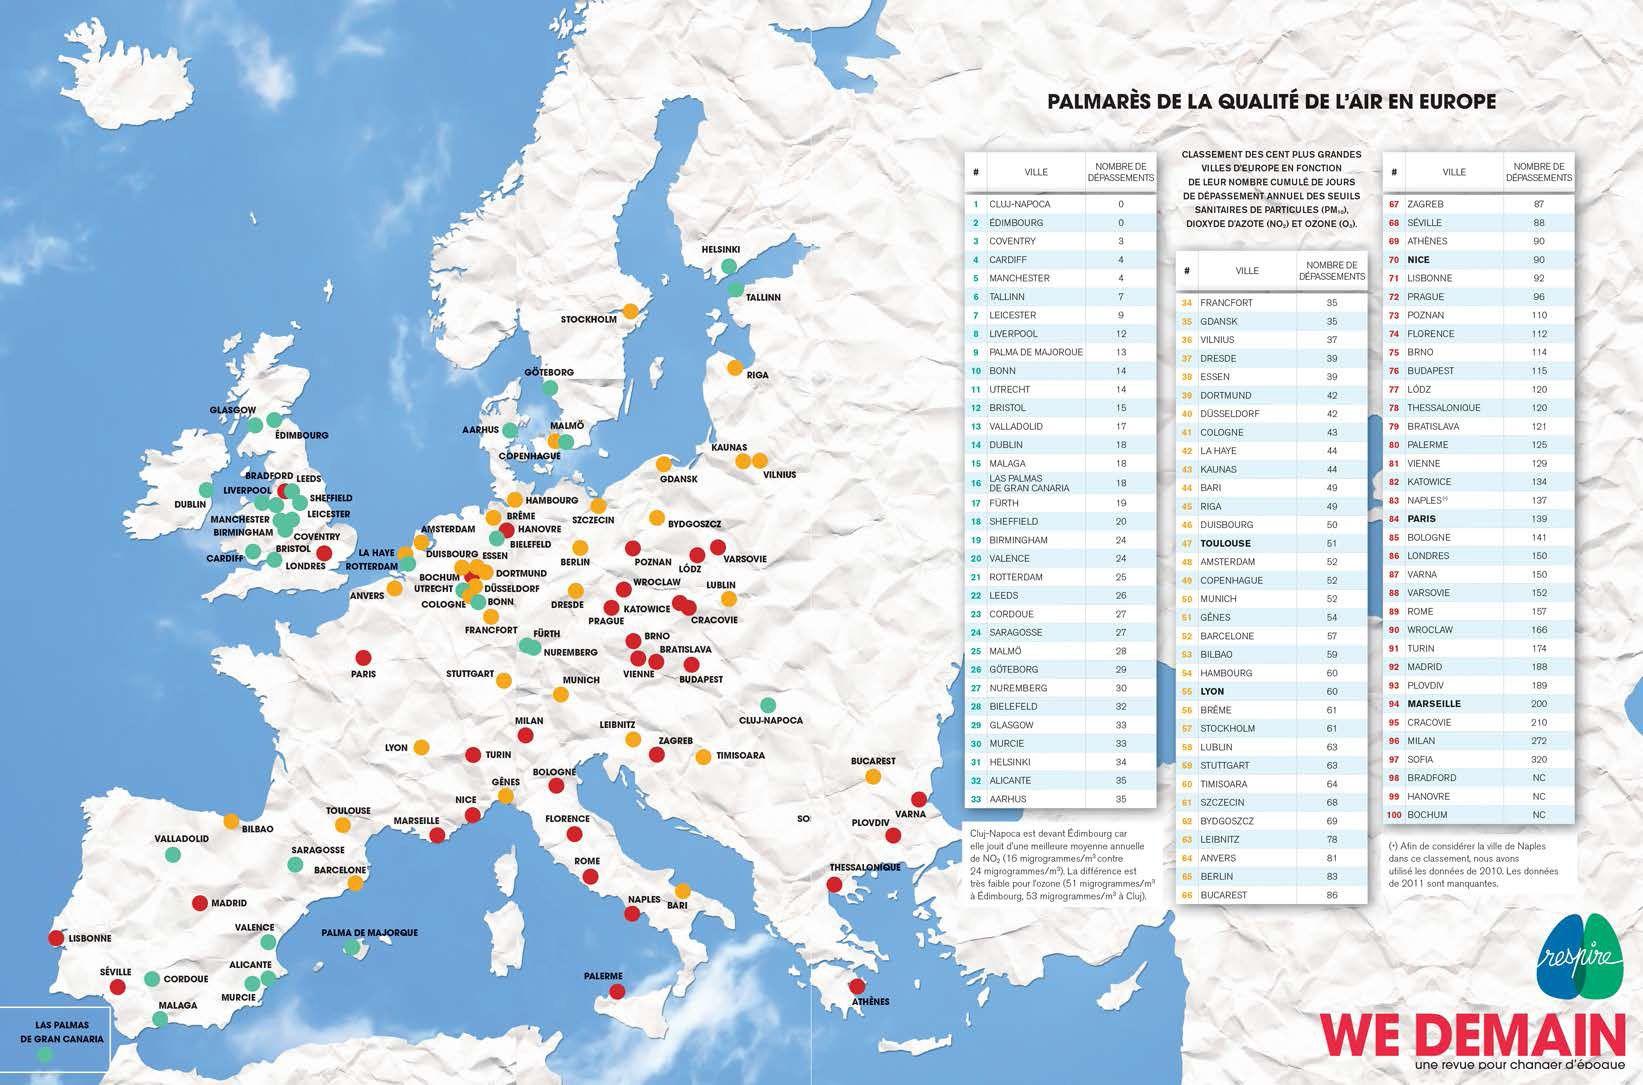 Pollution de l'air : le palmarès des 100 villes d'Europe où l'on respire le mieux (et le moins bien). Pour parvenir à ces résultats, Respire a utilisé Airbase, une base de données européennes publique, retenant le nombre de dépassements des seuils réglementaires de pollution plutôt que la moyenne annuelle de concentration des polluants.